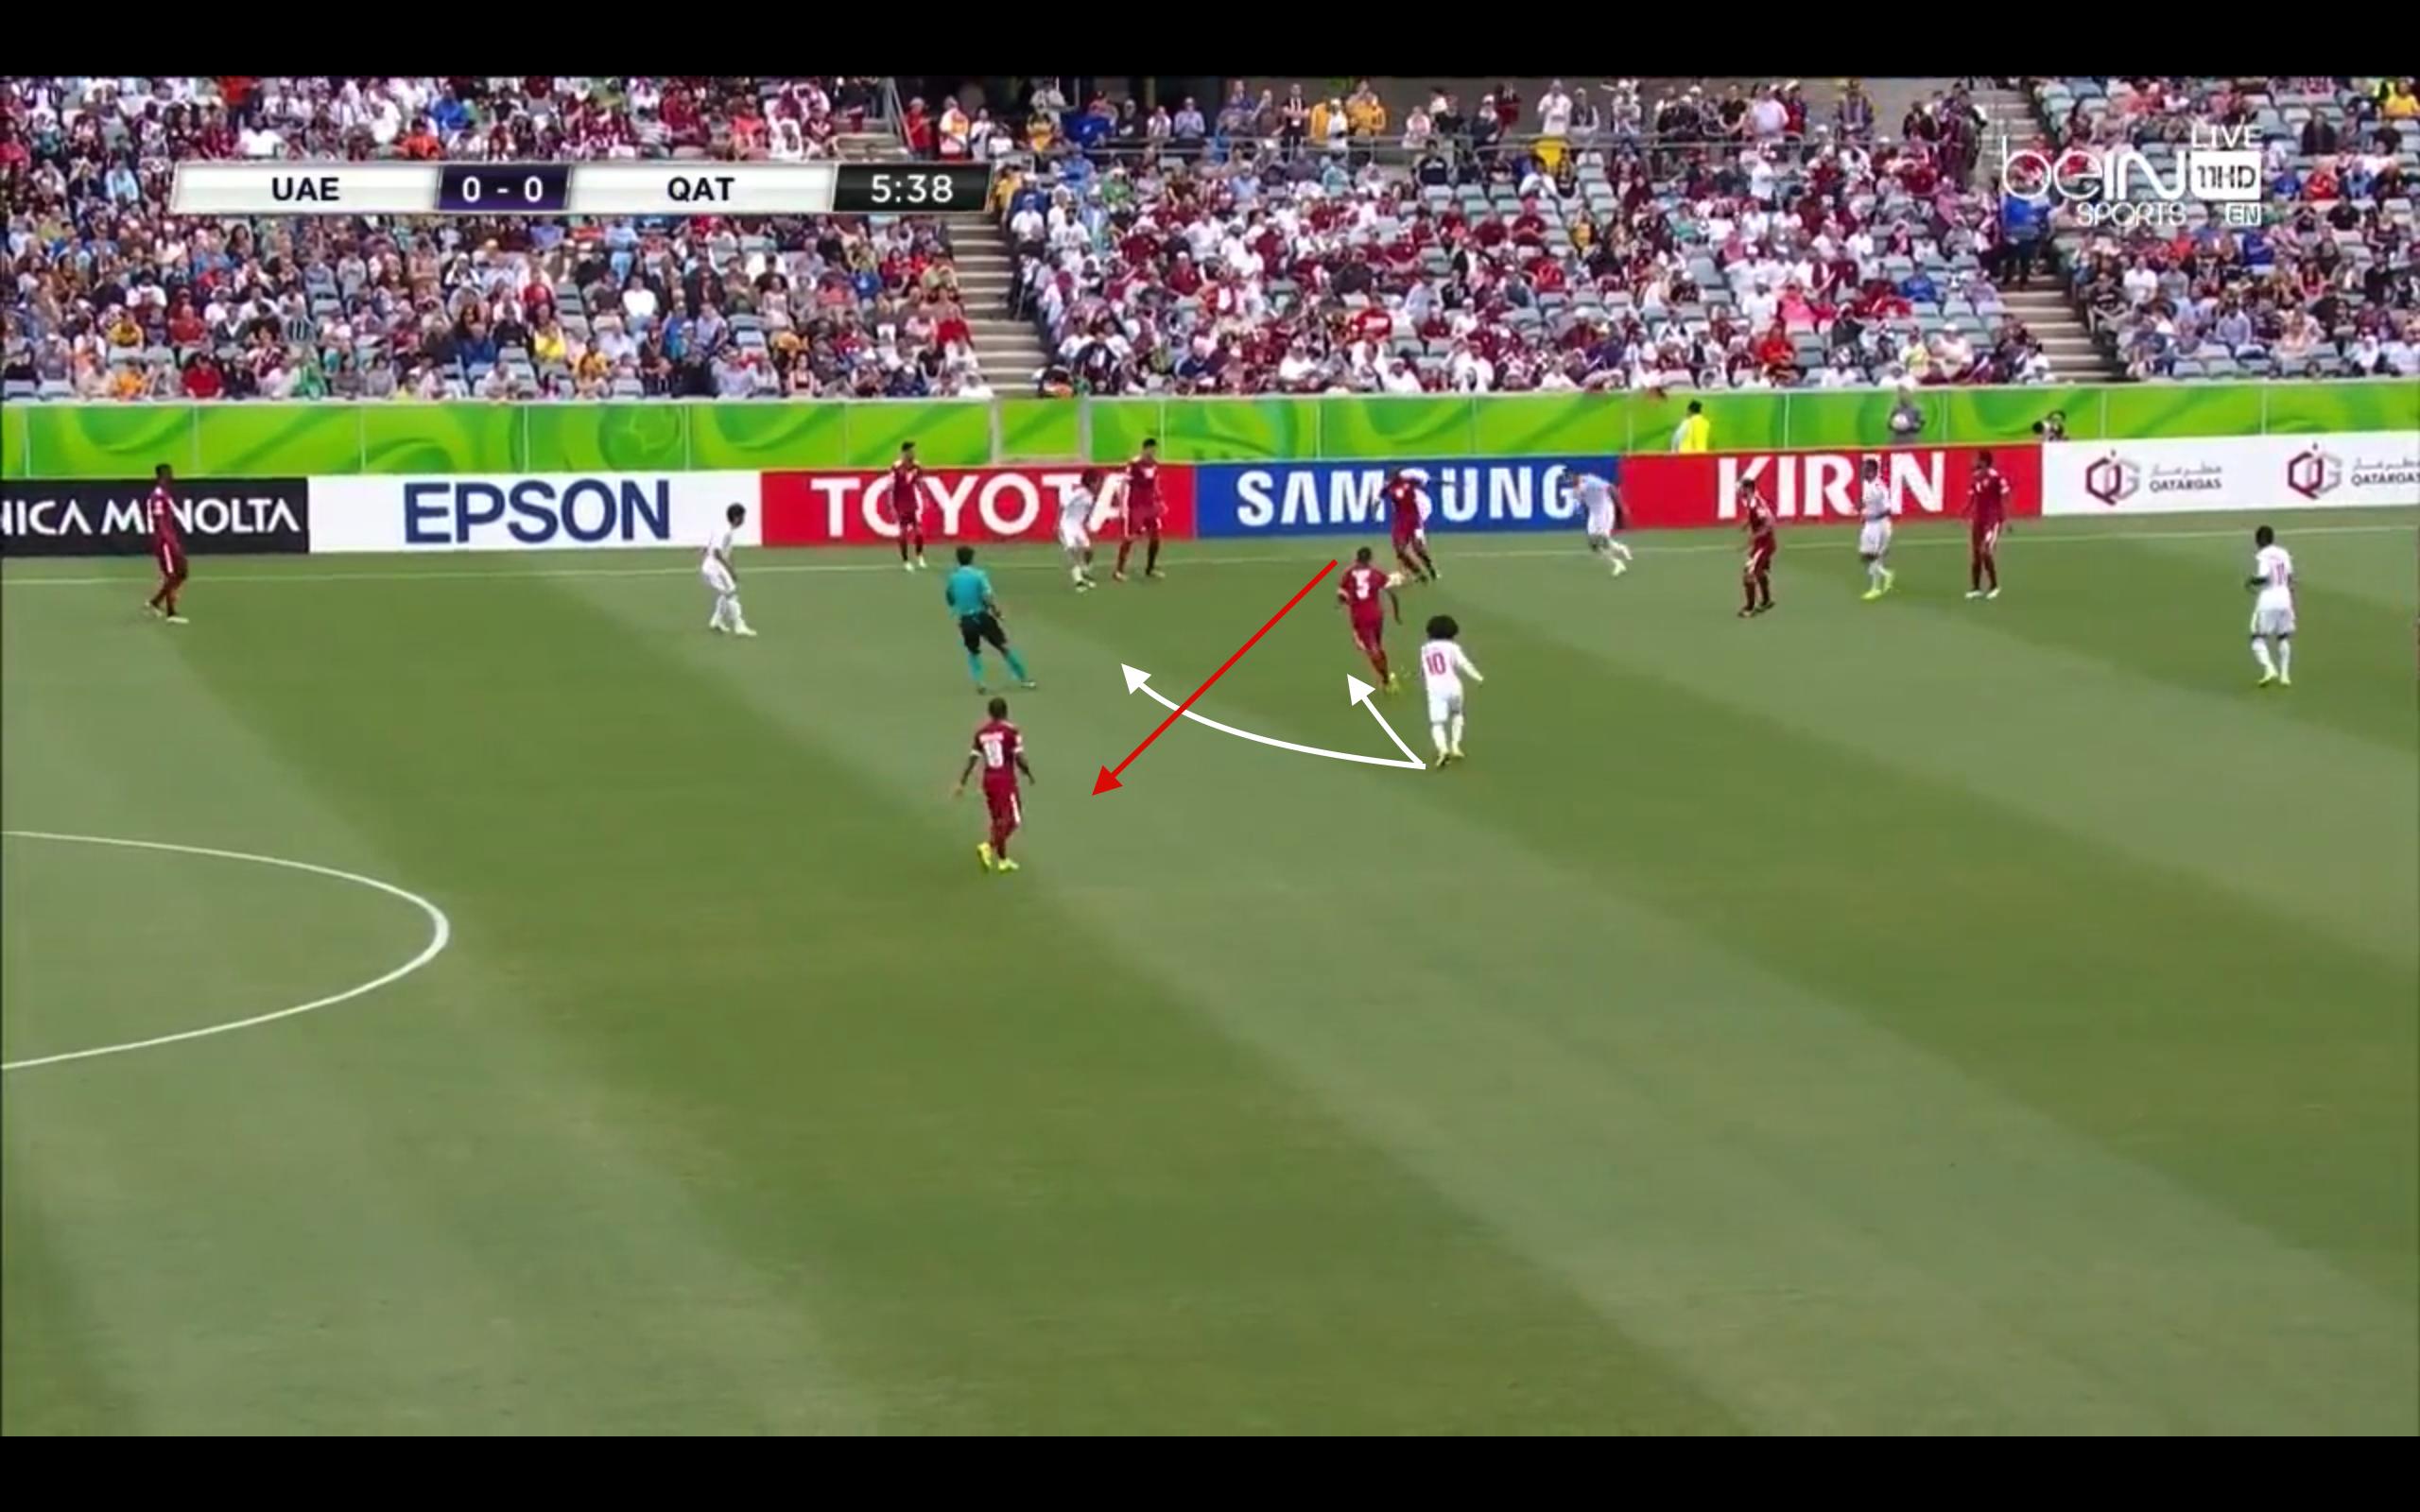 Er übt gleichzeitig Druck auf den Spieler vor ihm aus und kann ihn, wenn er den Ball bekommt, daran hindern sich zu drehen und das Spiel zu verlagern. Außerdem behält er aber den Spieler in seinem Rücken im Auge und versperrt den Passweg zu ihm.